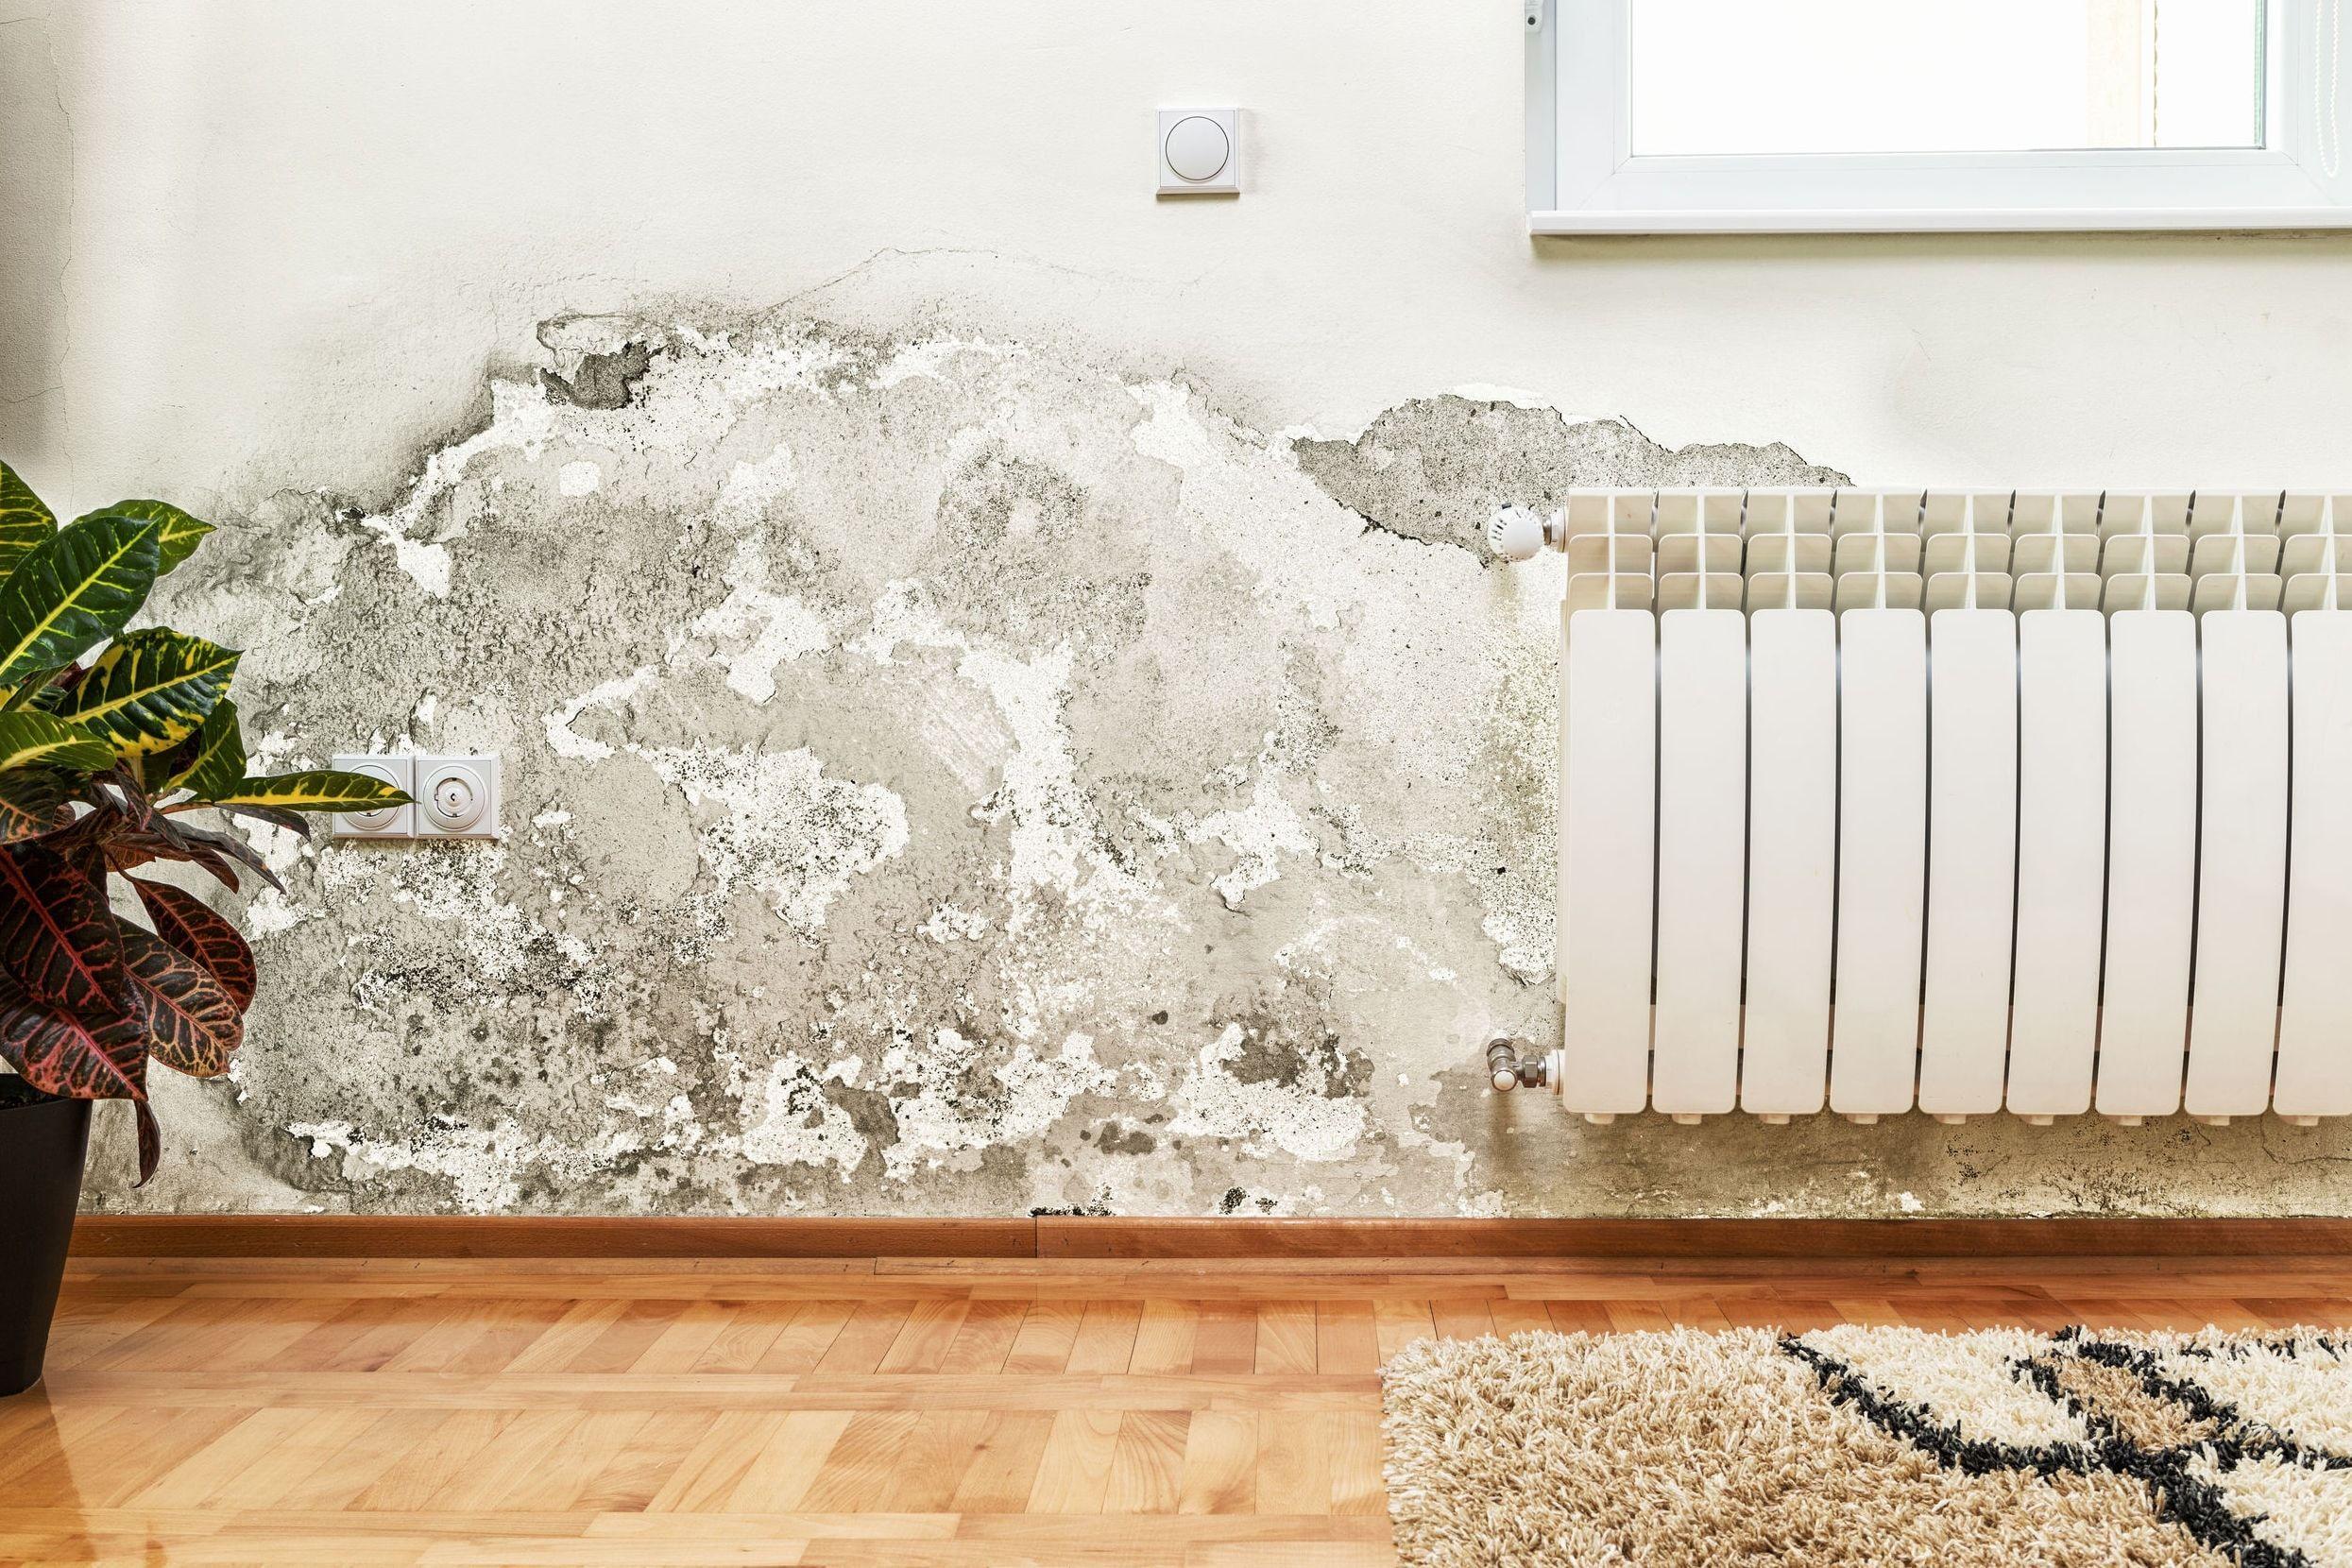 Traiter les problèmes d\'humidité dans la maison | Problème, Journal ...